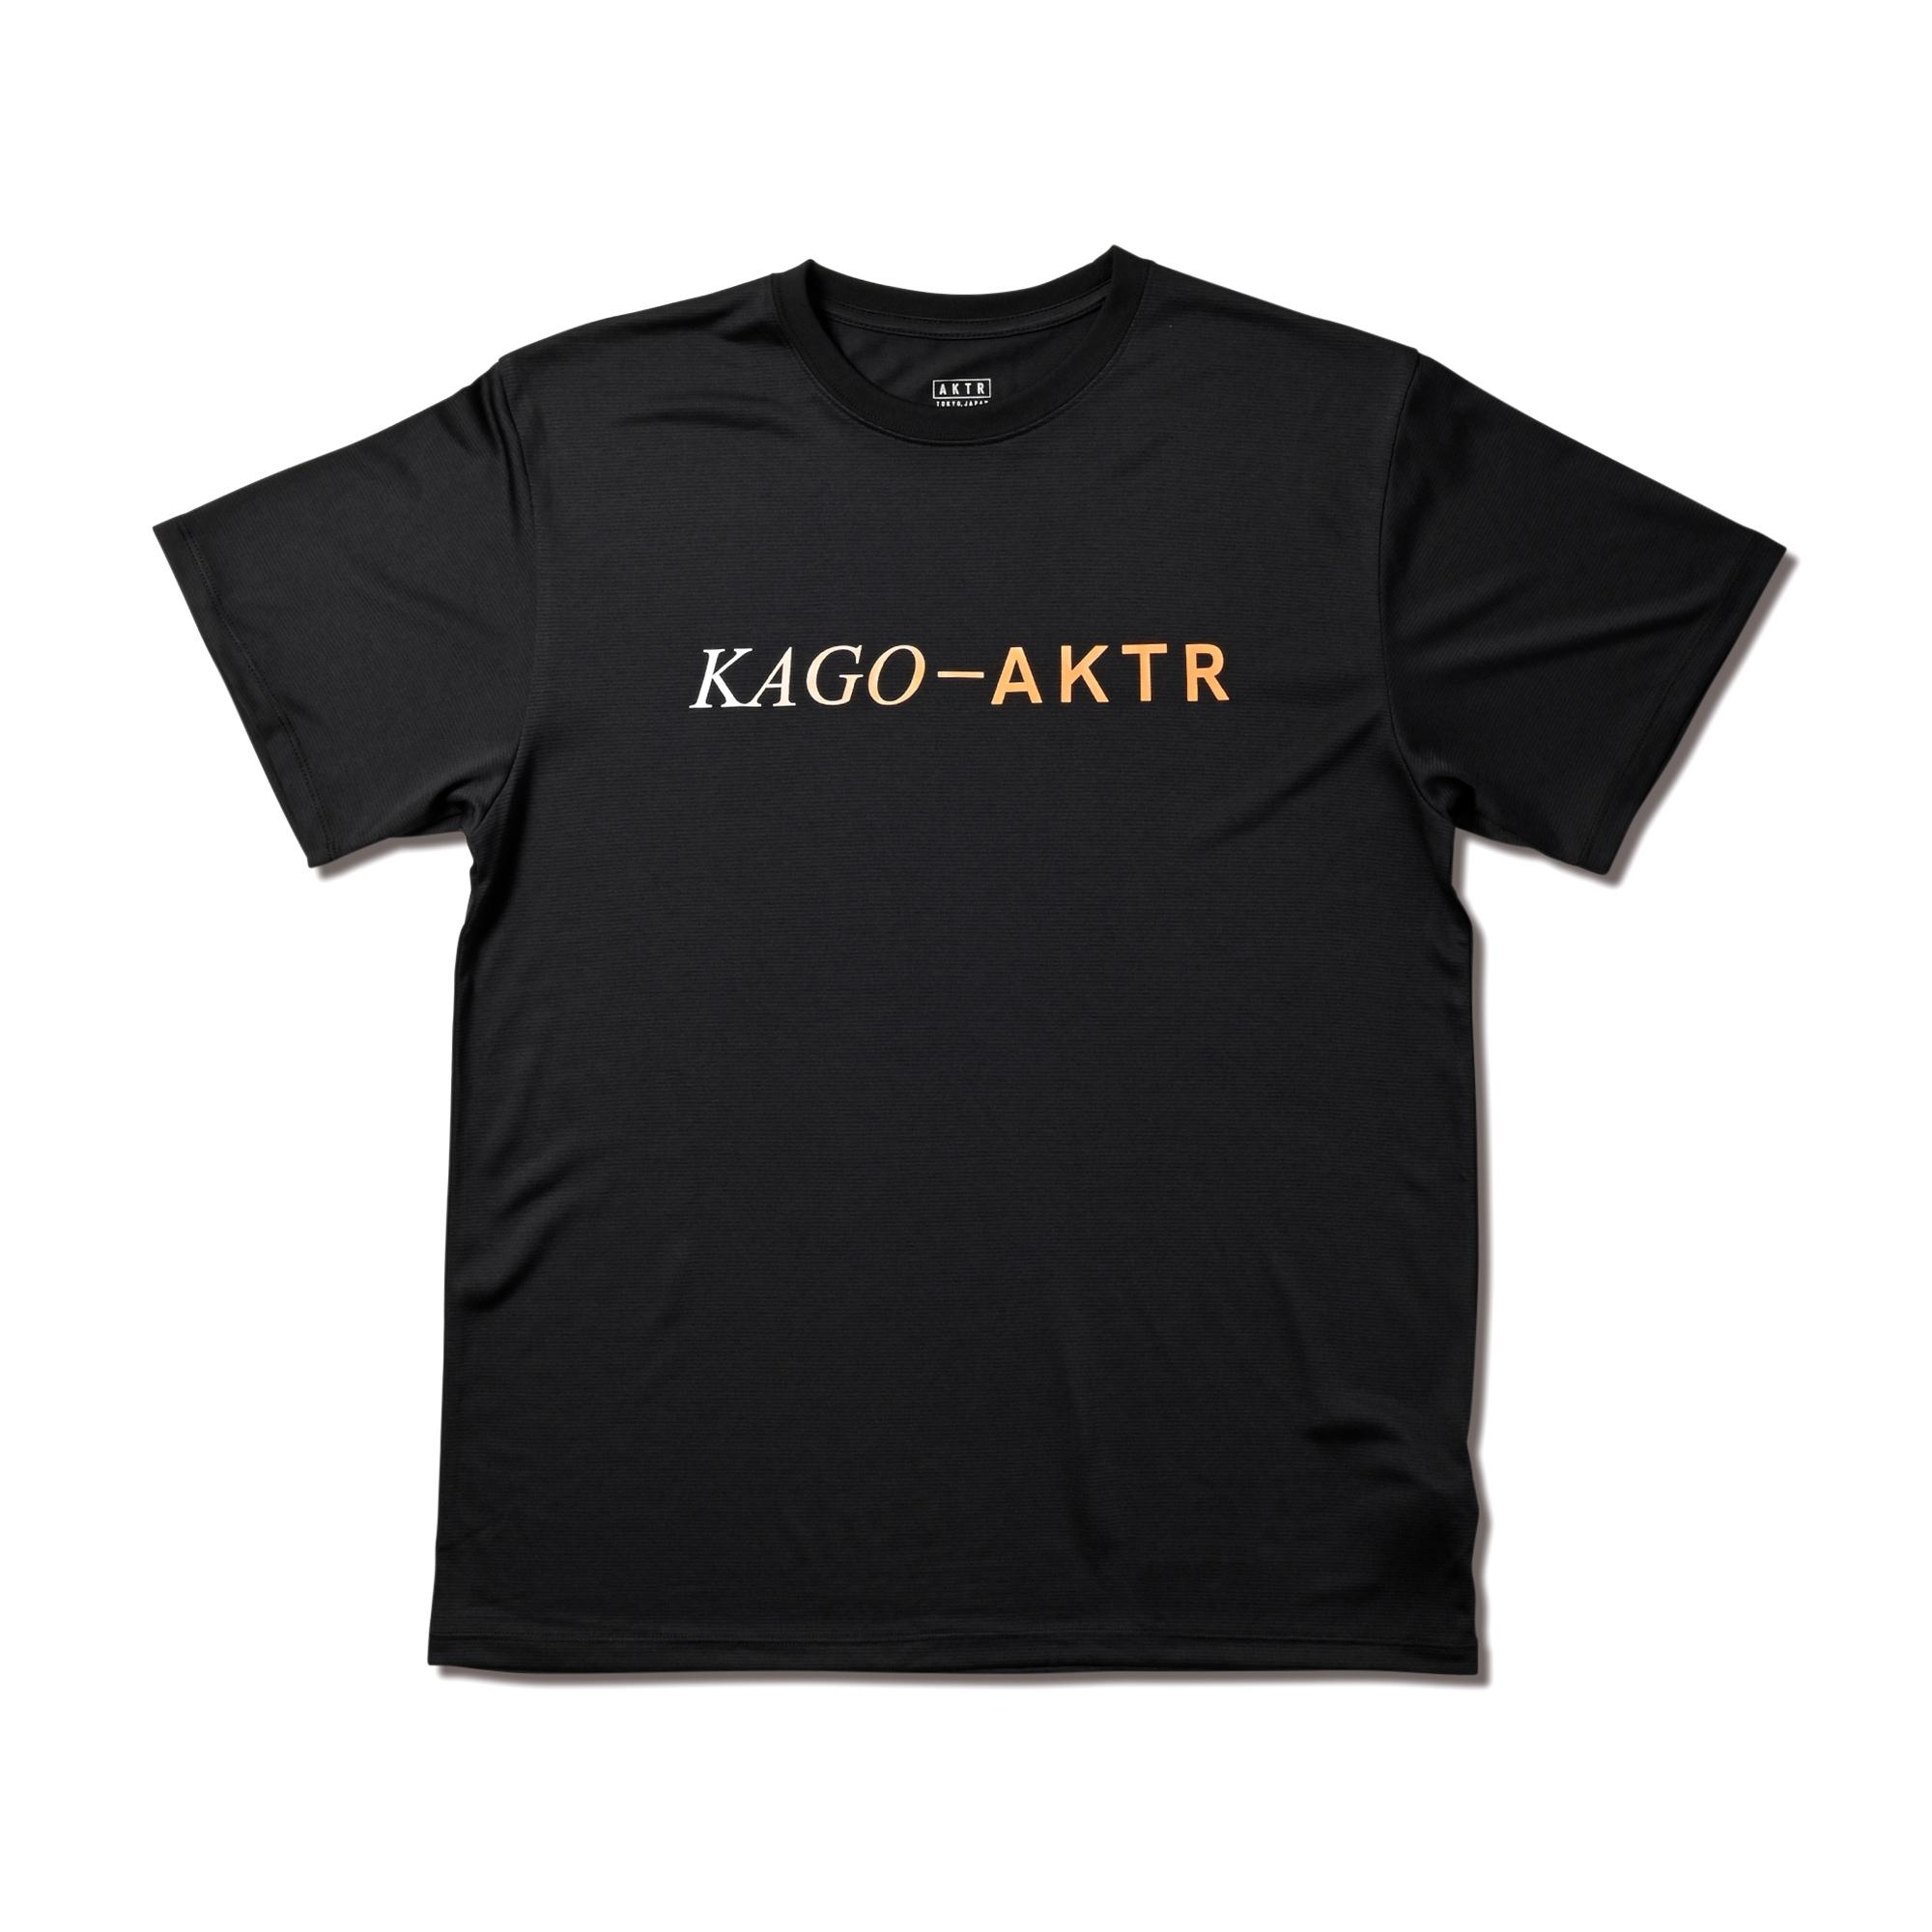 kago-aktr KAGO-AKTR BASIC LOGO TEE BK